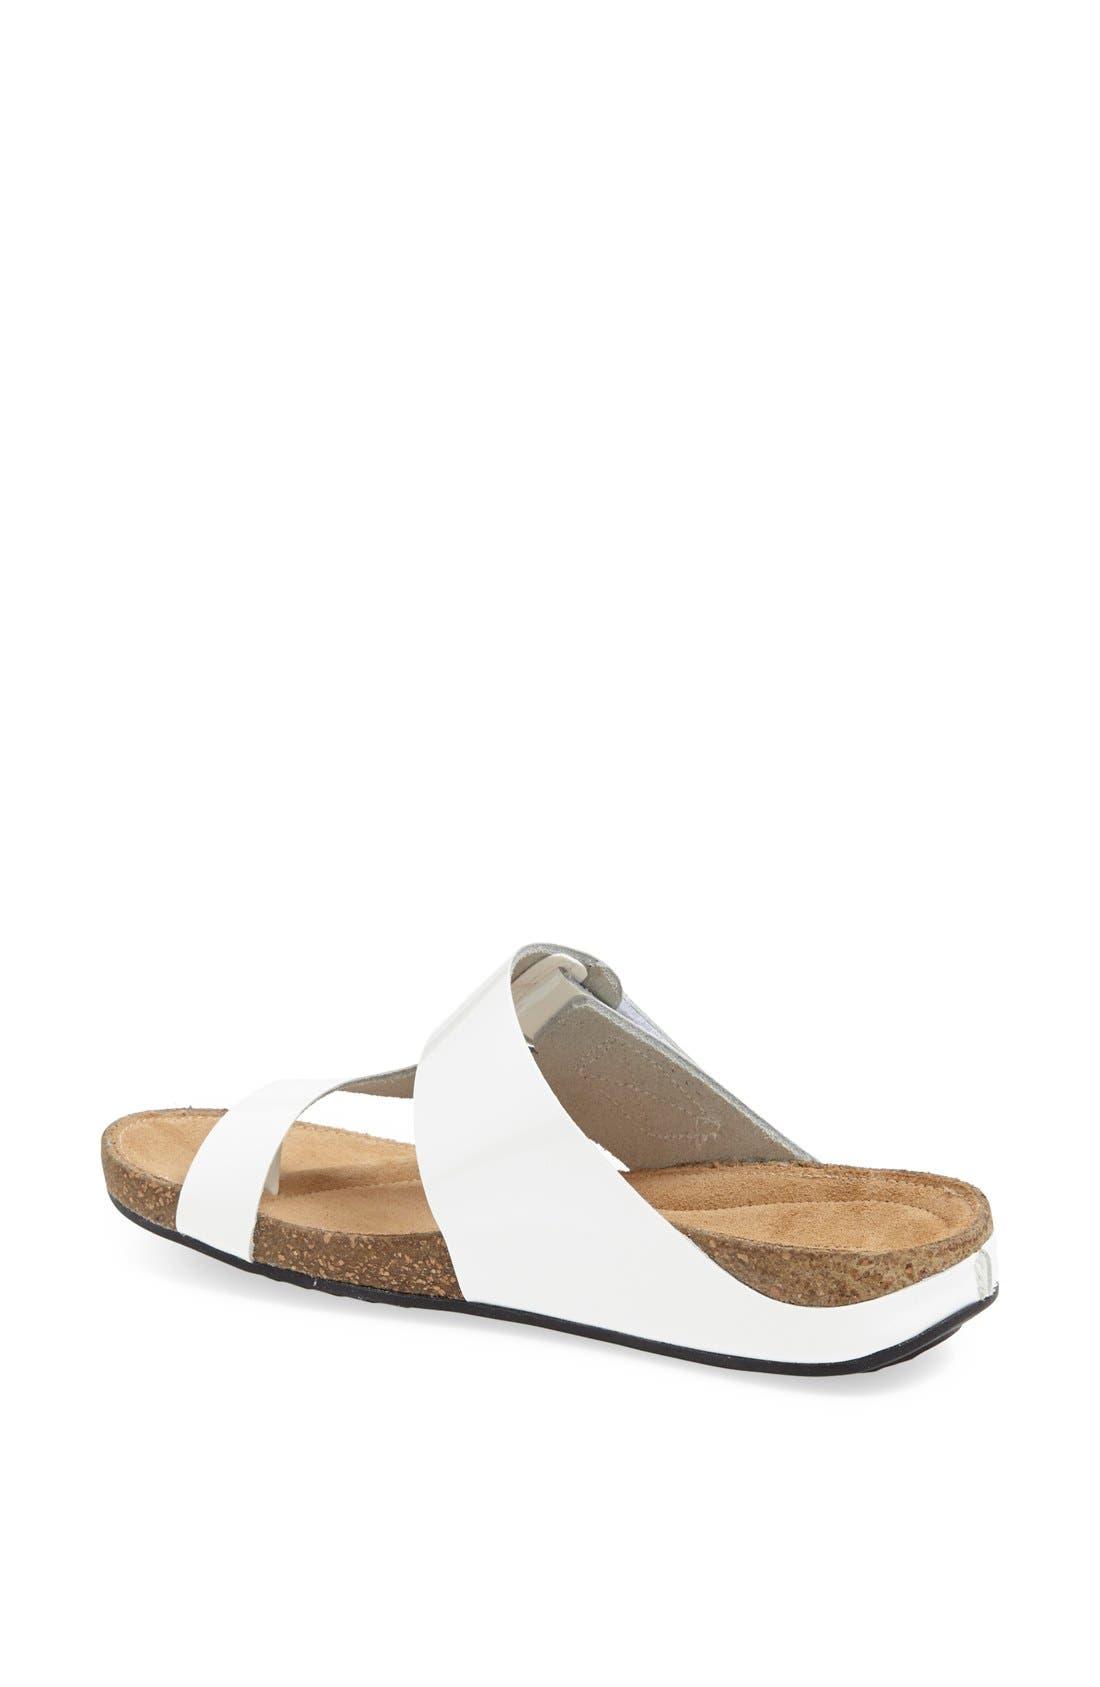 'Perri Coast' Leather Thong Sandal,                             Alternate thumbnail 2, color,                             White Patent